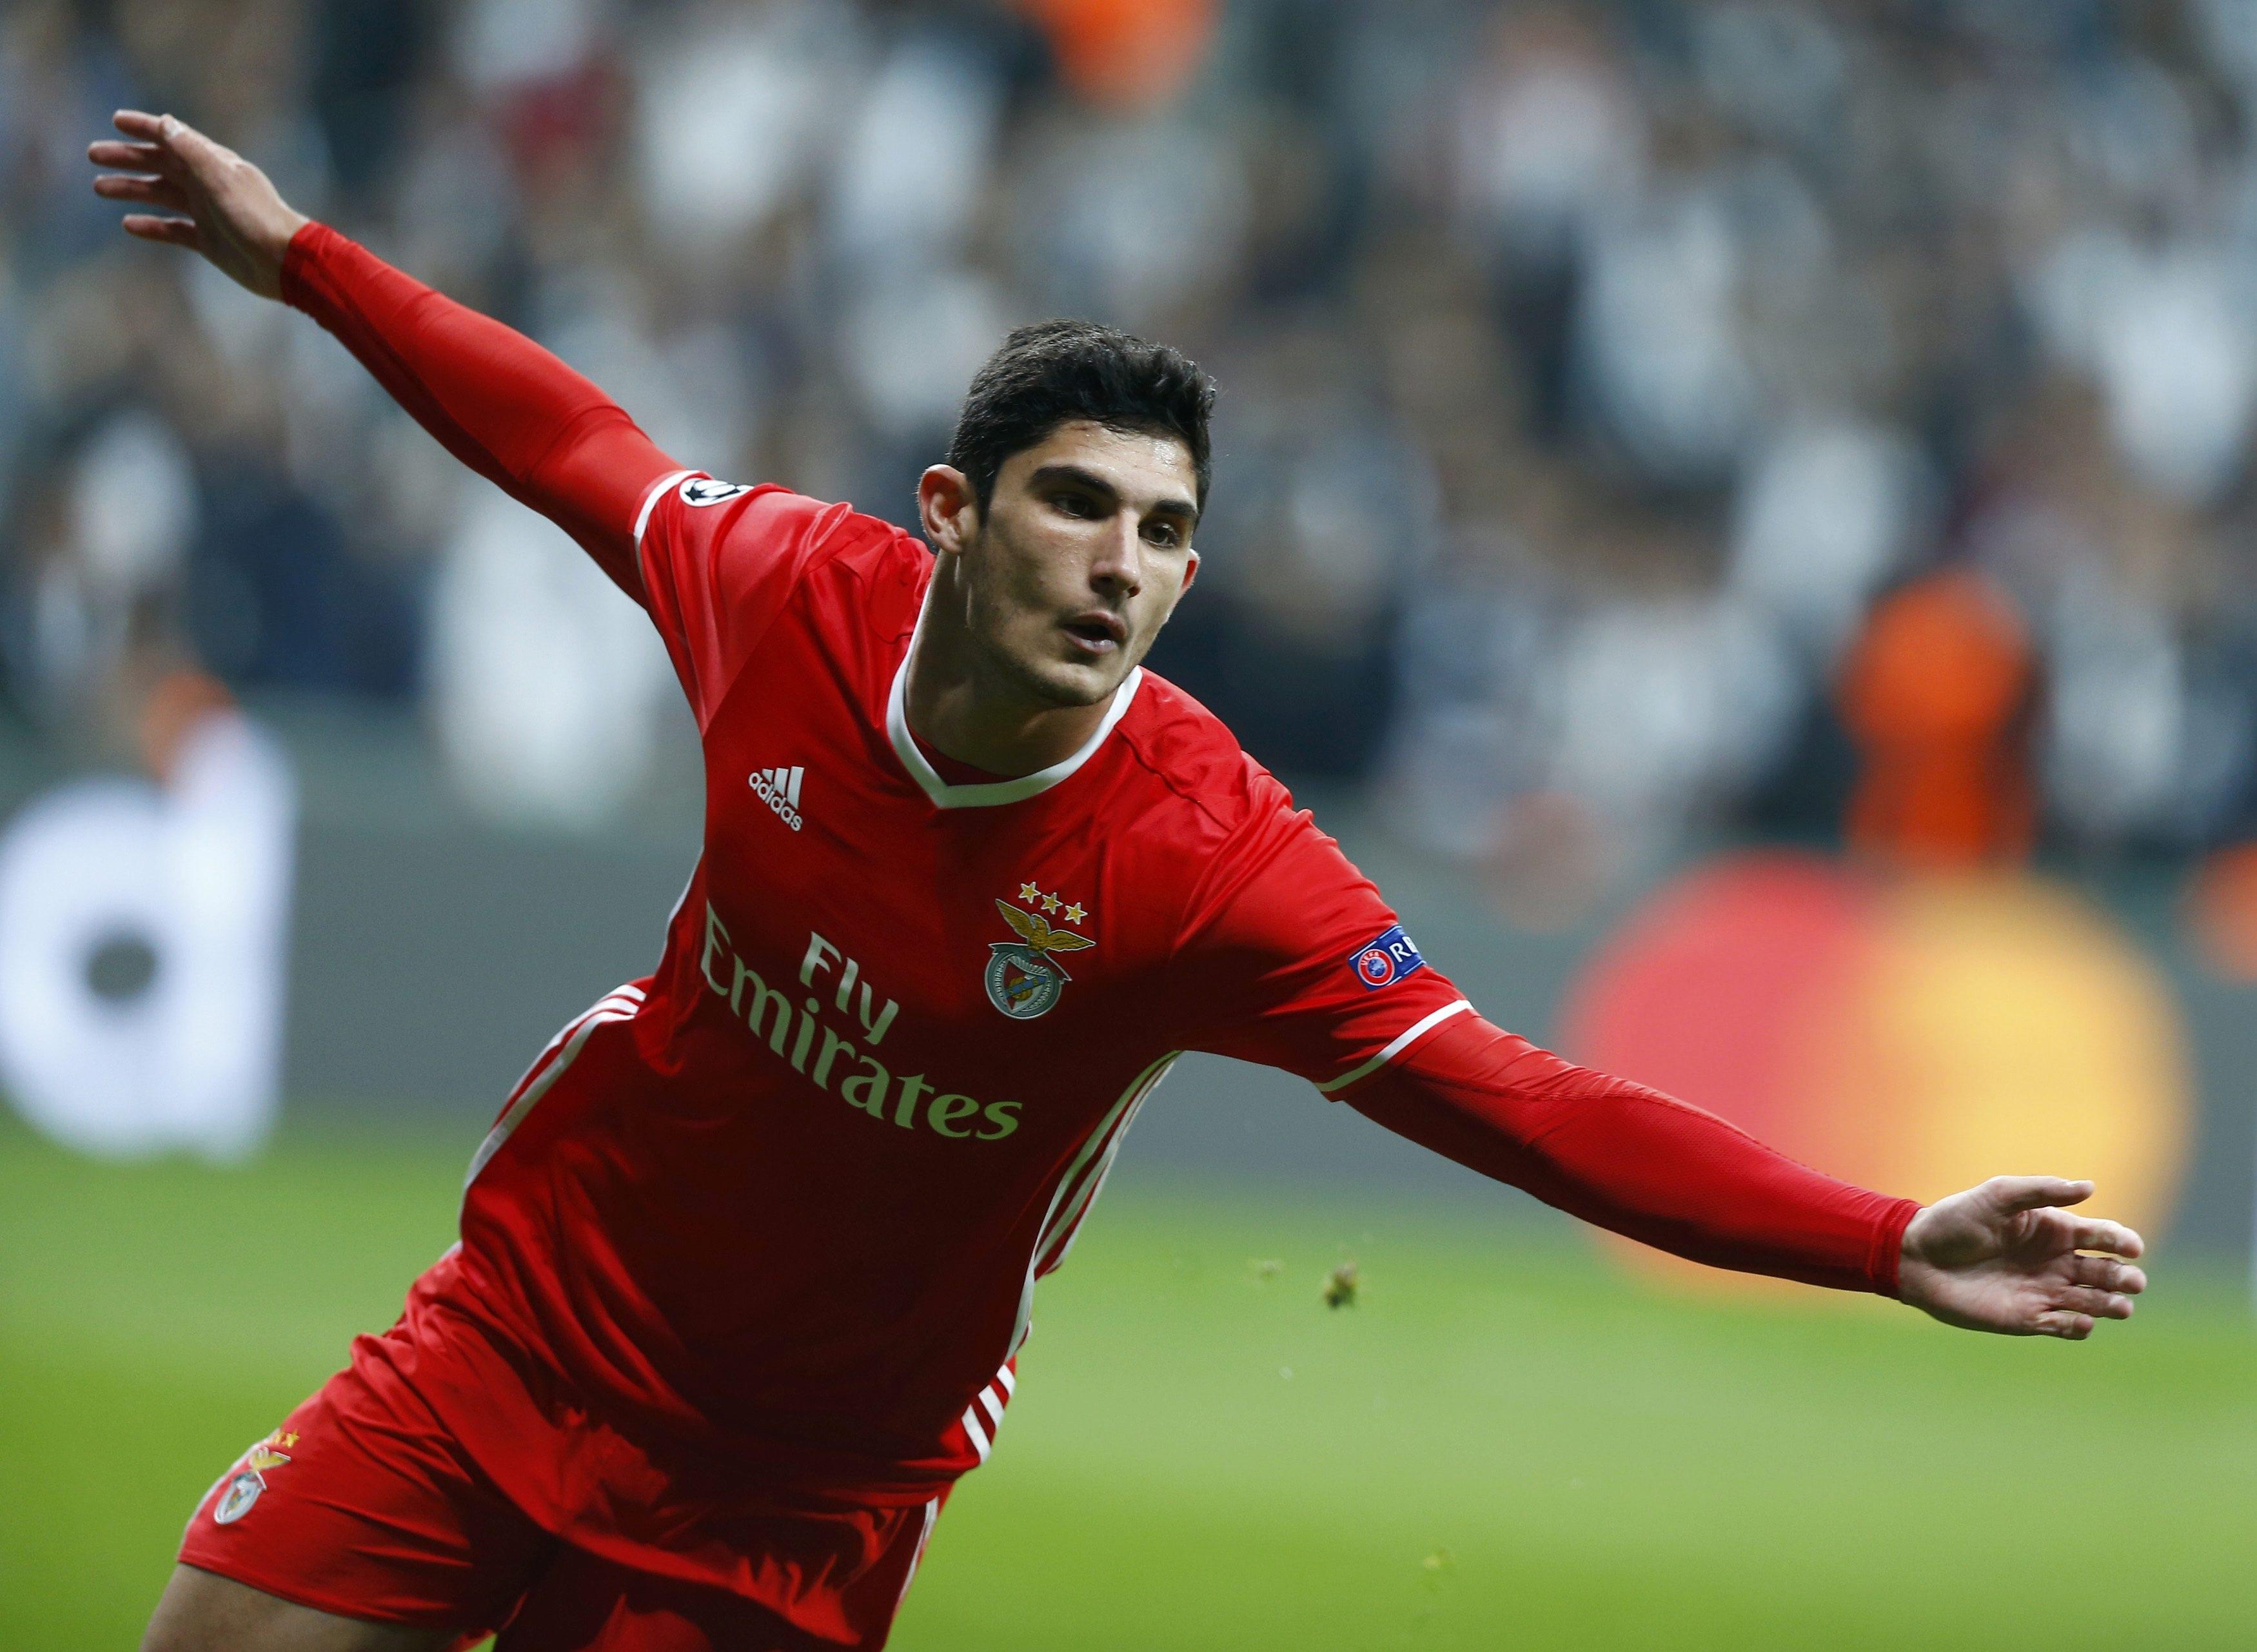 Football - Transferts - Et si le PSG avait trouvé la doublure de Cavani avec Guedes ?